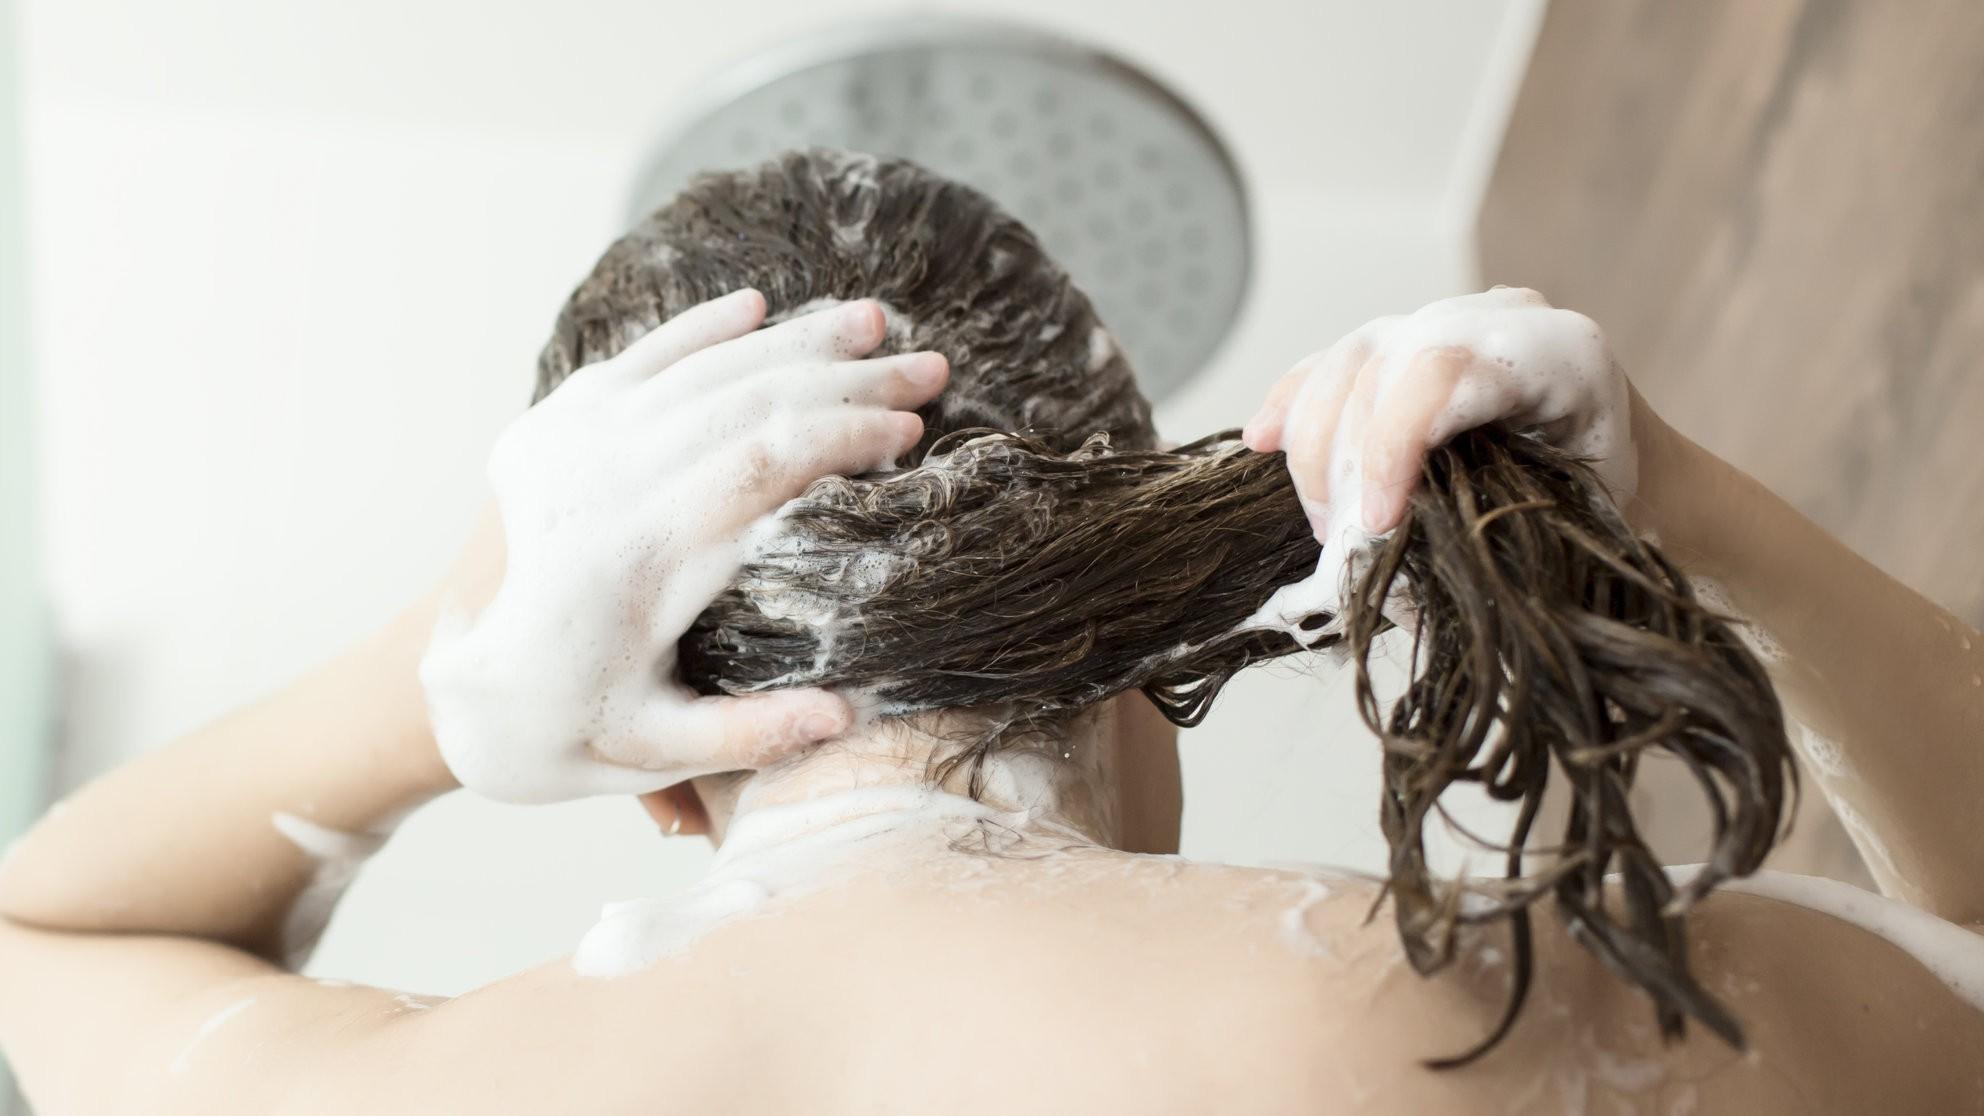 Tuổi dậy thì cần tránh những điều này để giảm bớt tình trạng tóc rụng suốt ngày - Ảnh 2.